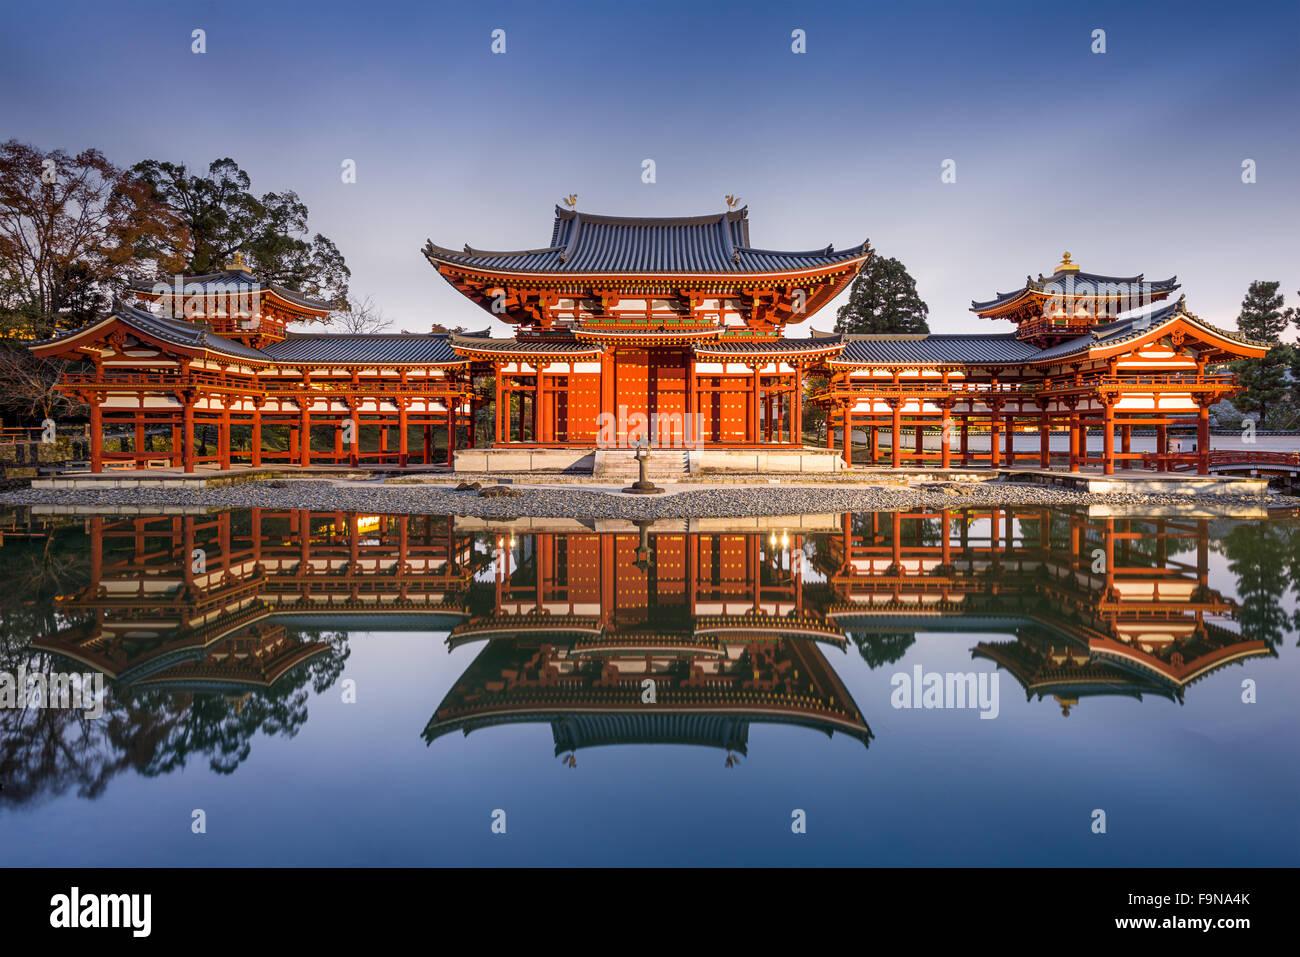 Uji, Kyoto, Japan at Byodo-in's Phoenix hall. - Stock Image